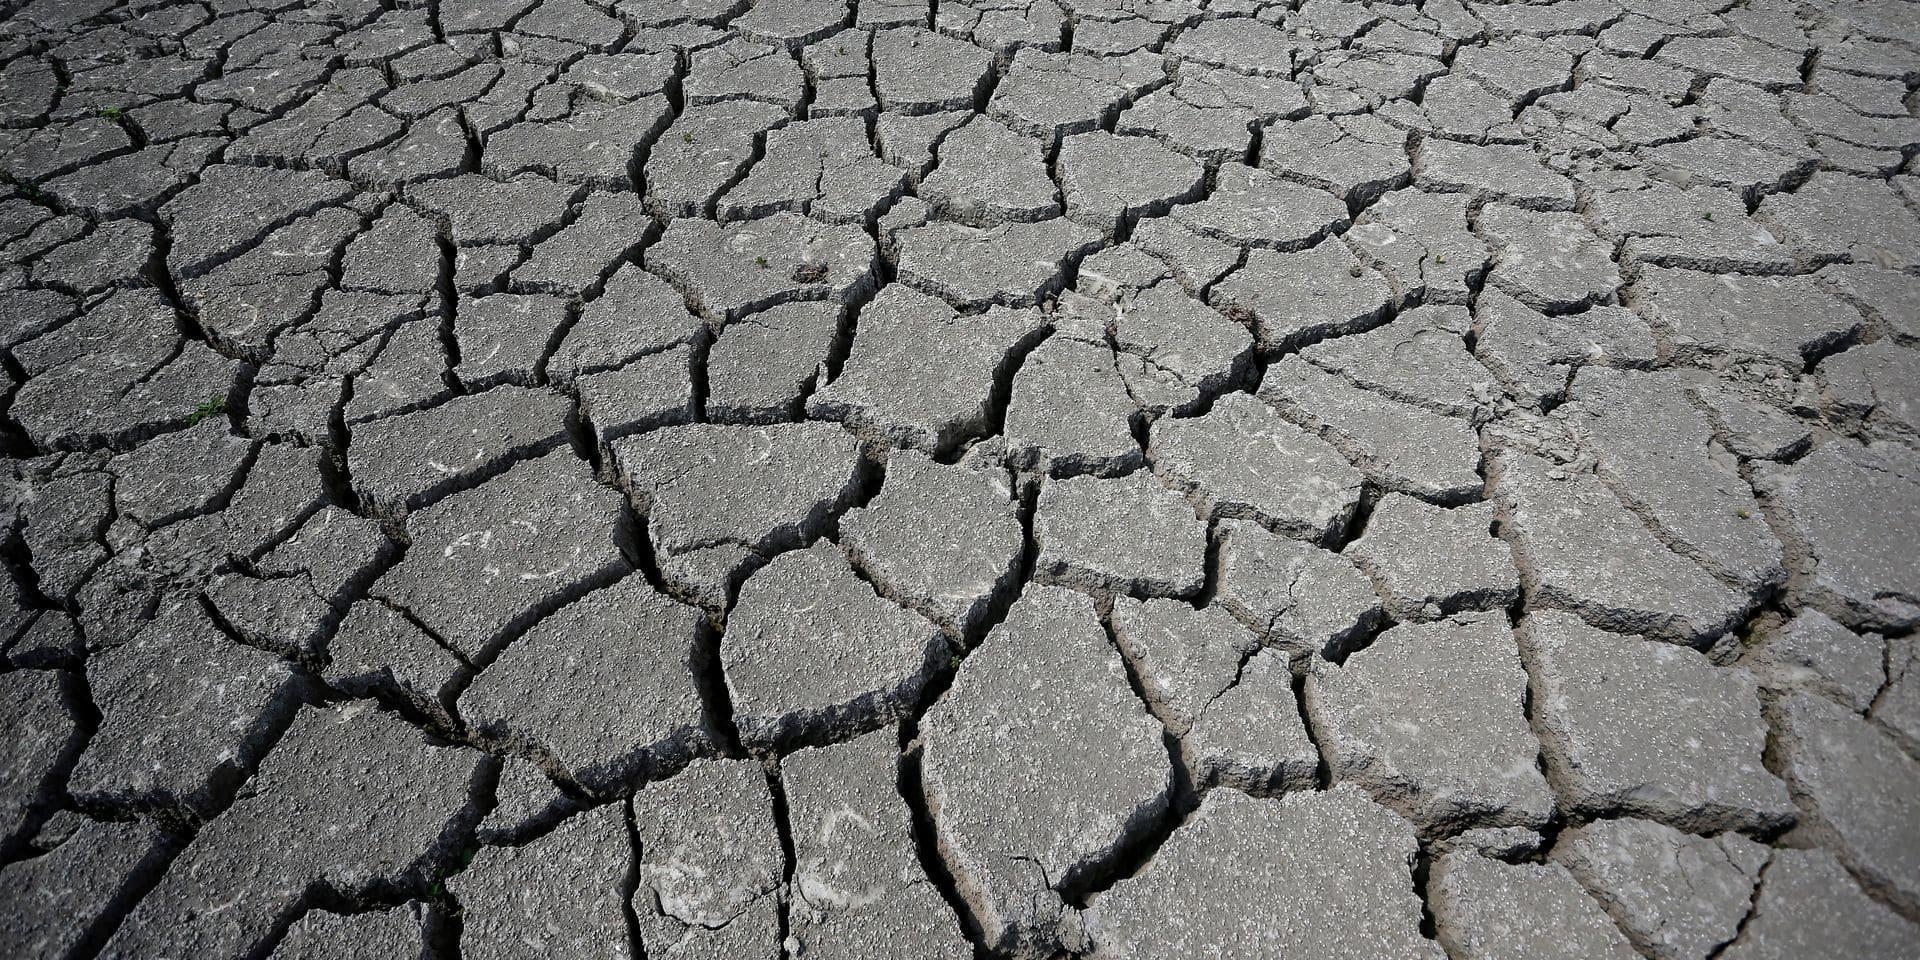 Réchauffement climatique: un demi-degré de plus coûterait la vie à des dizaines de milliers de personnes